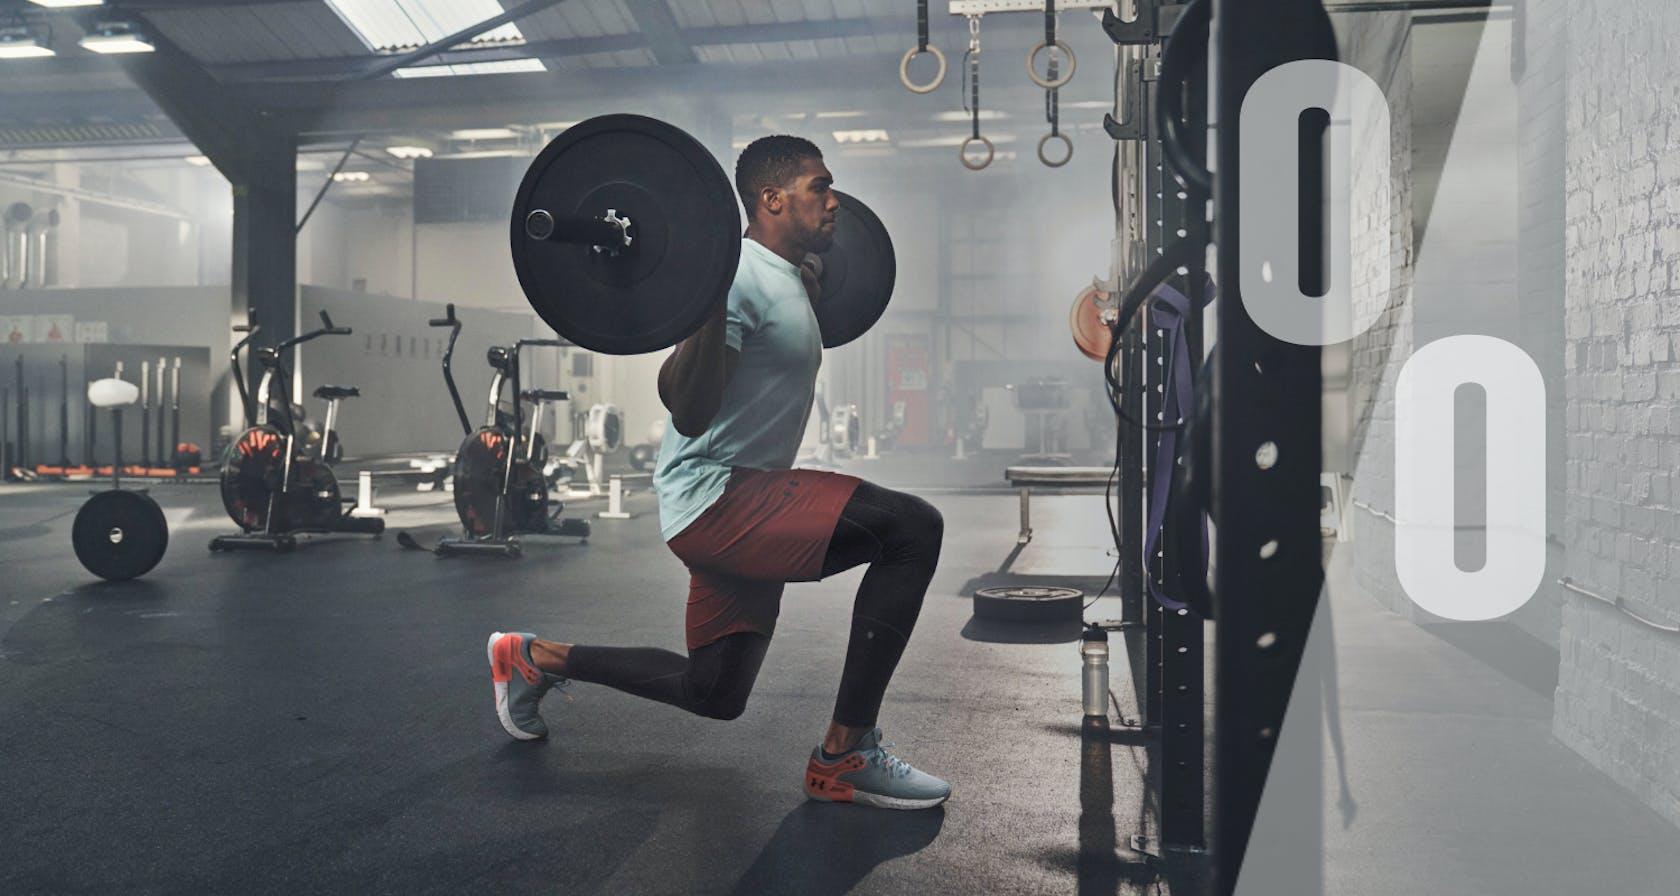 saldi fitness